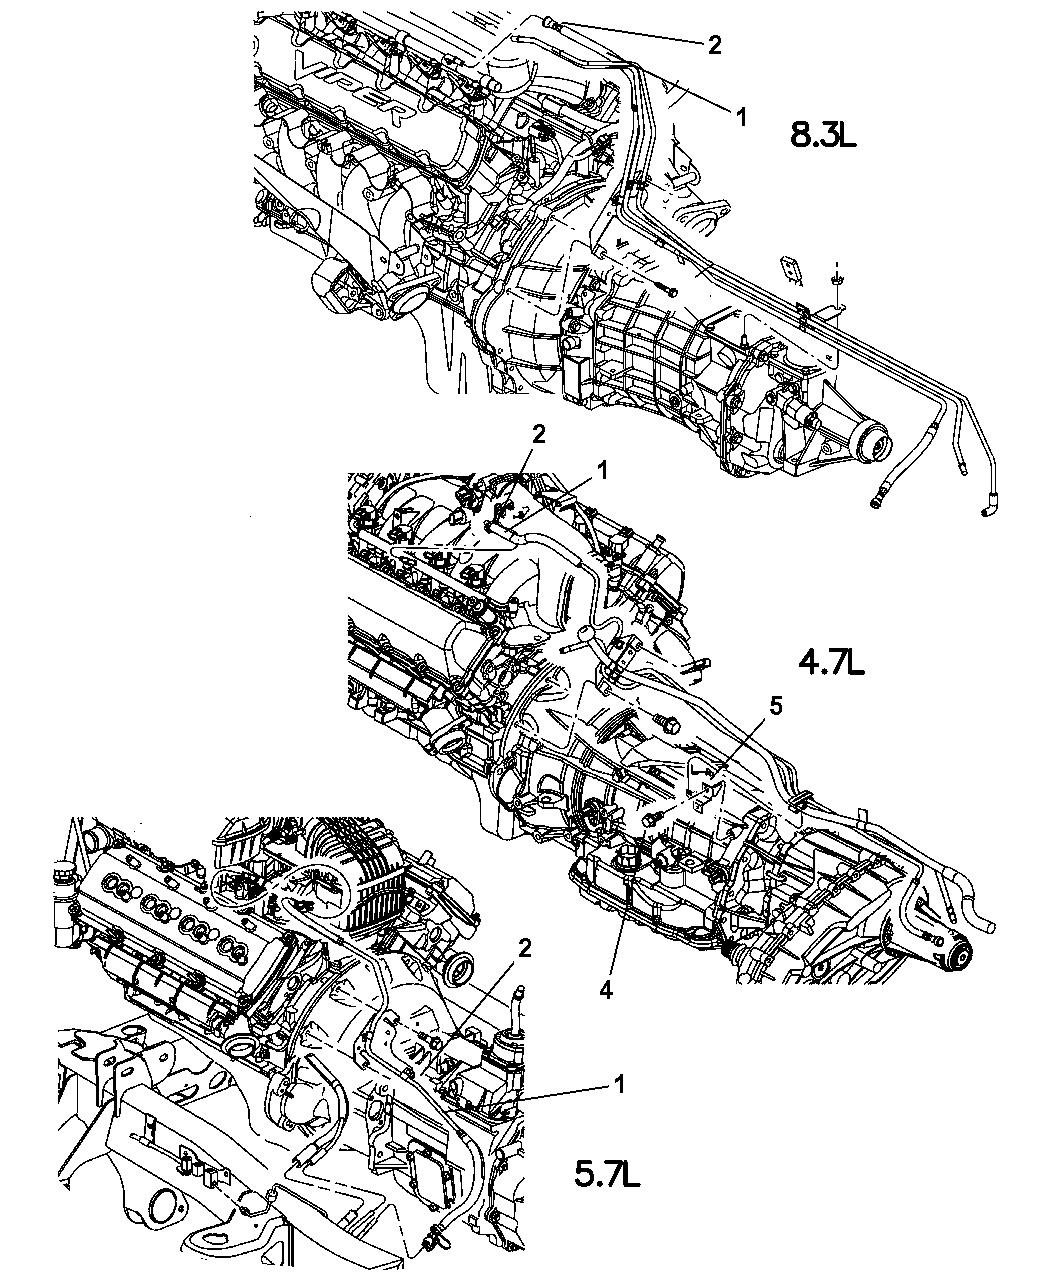 Fan Wiring Diagram 2004 Dodge Ram Truck